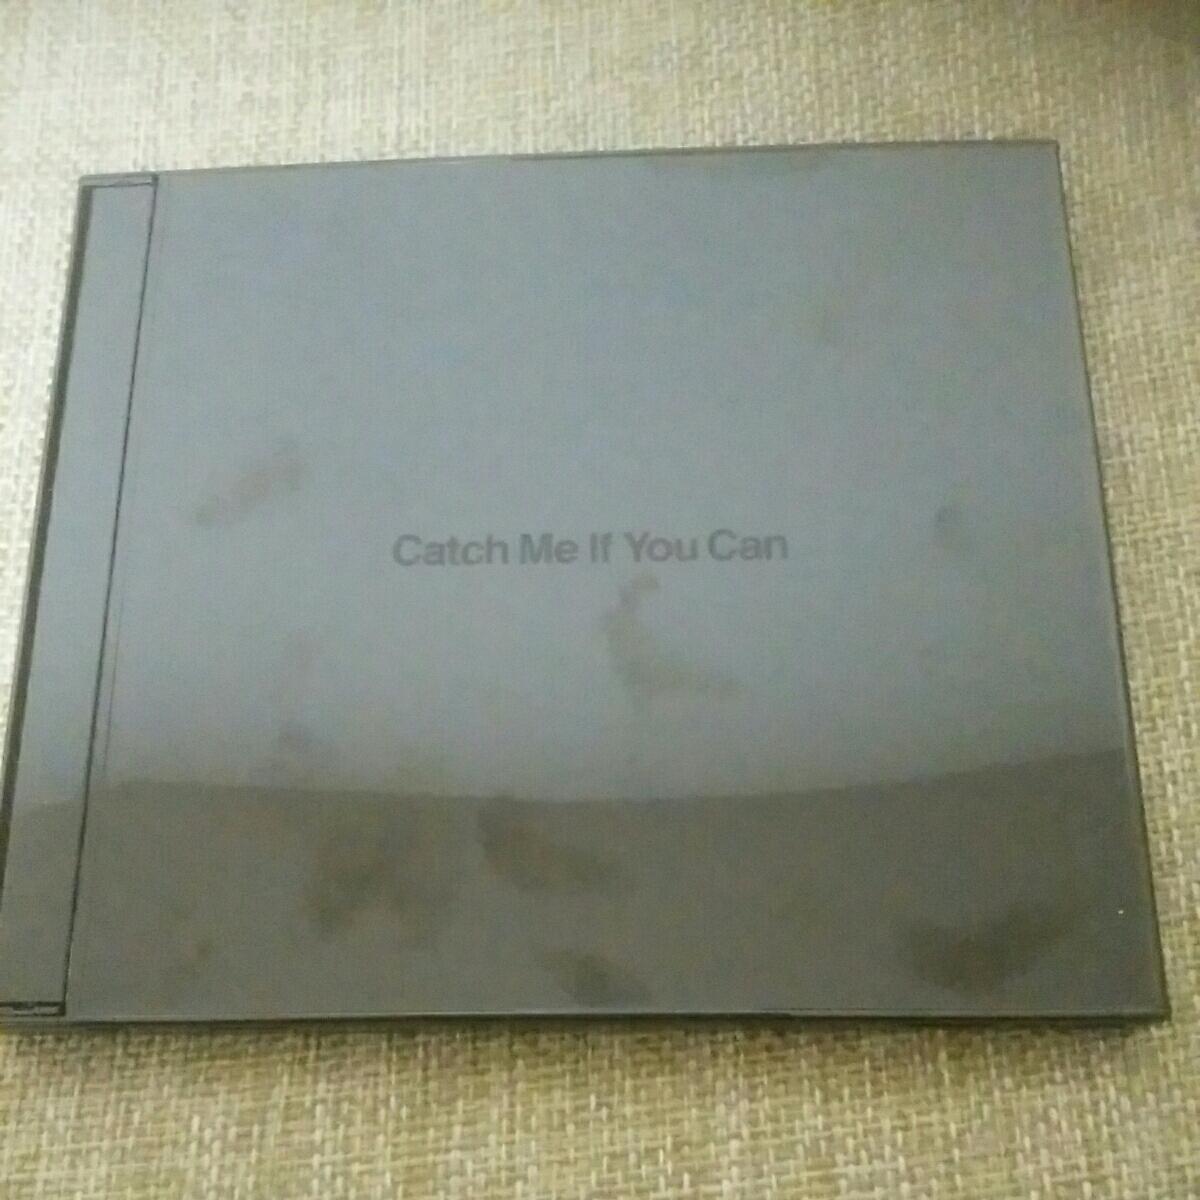 少女時代 Catch Me If You Can CD+DVD 完全限定盤